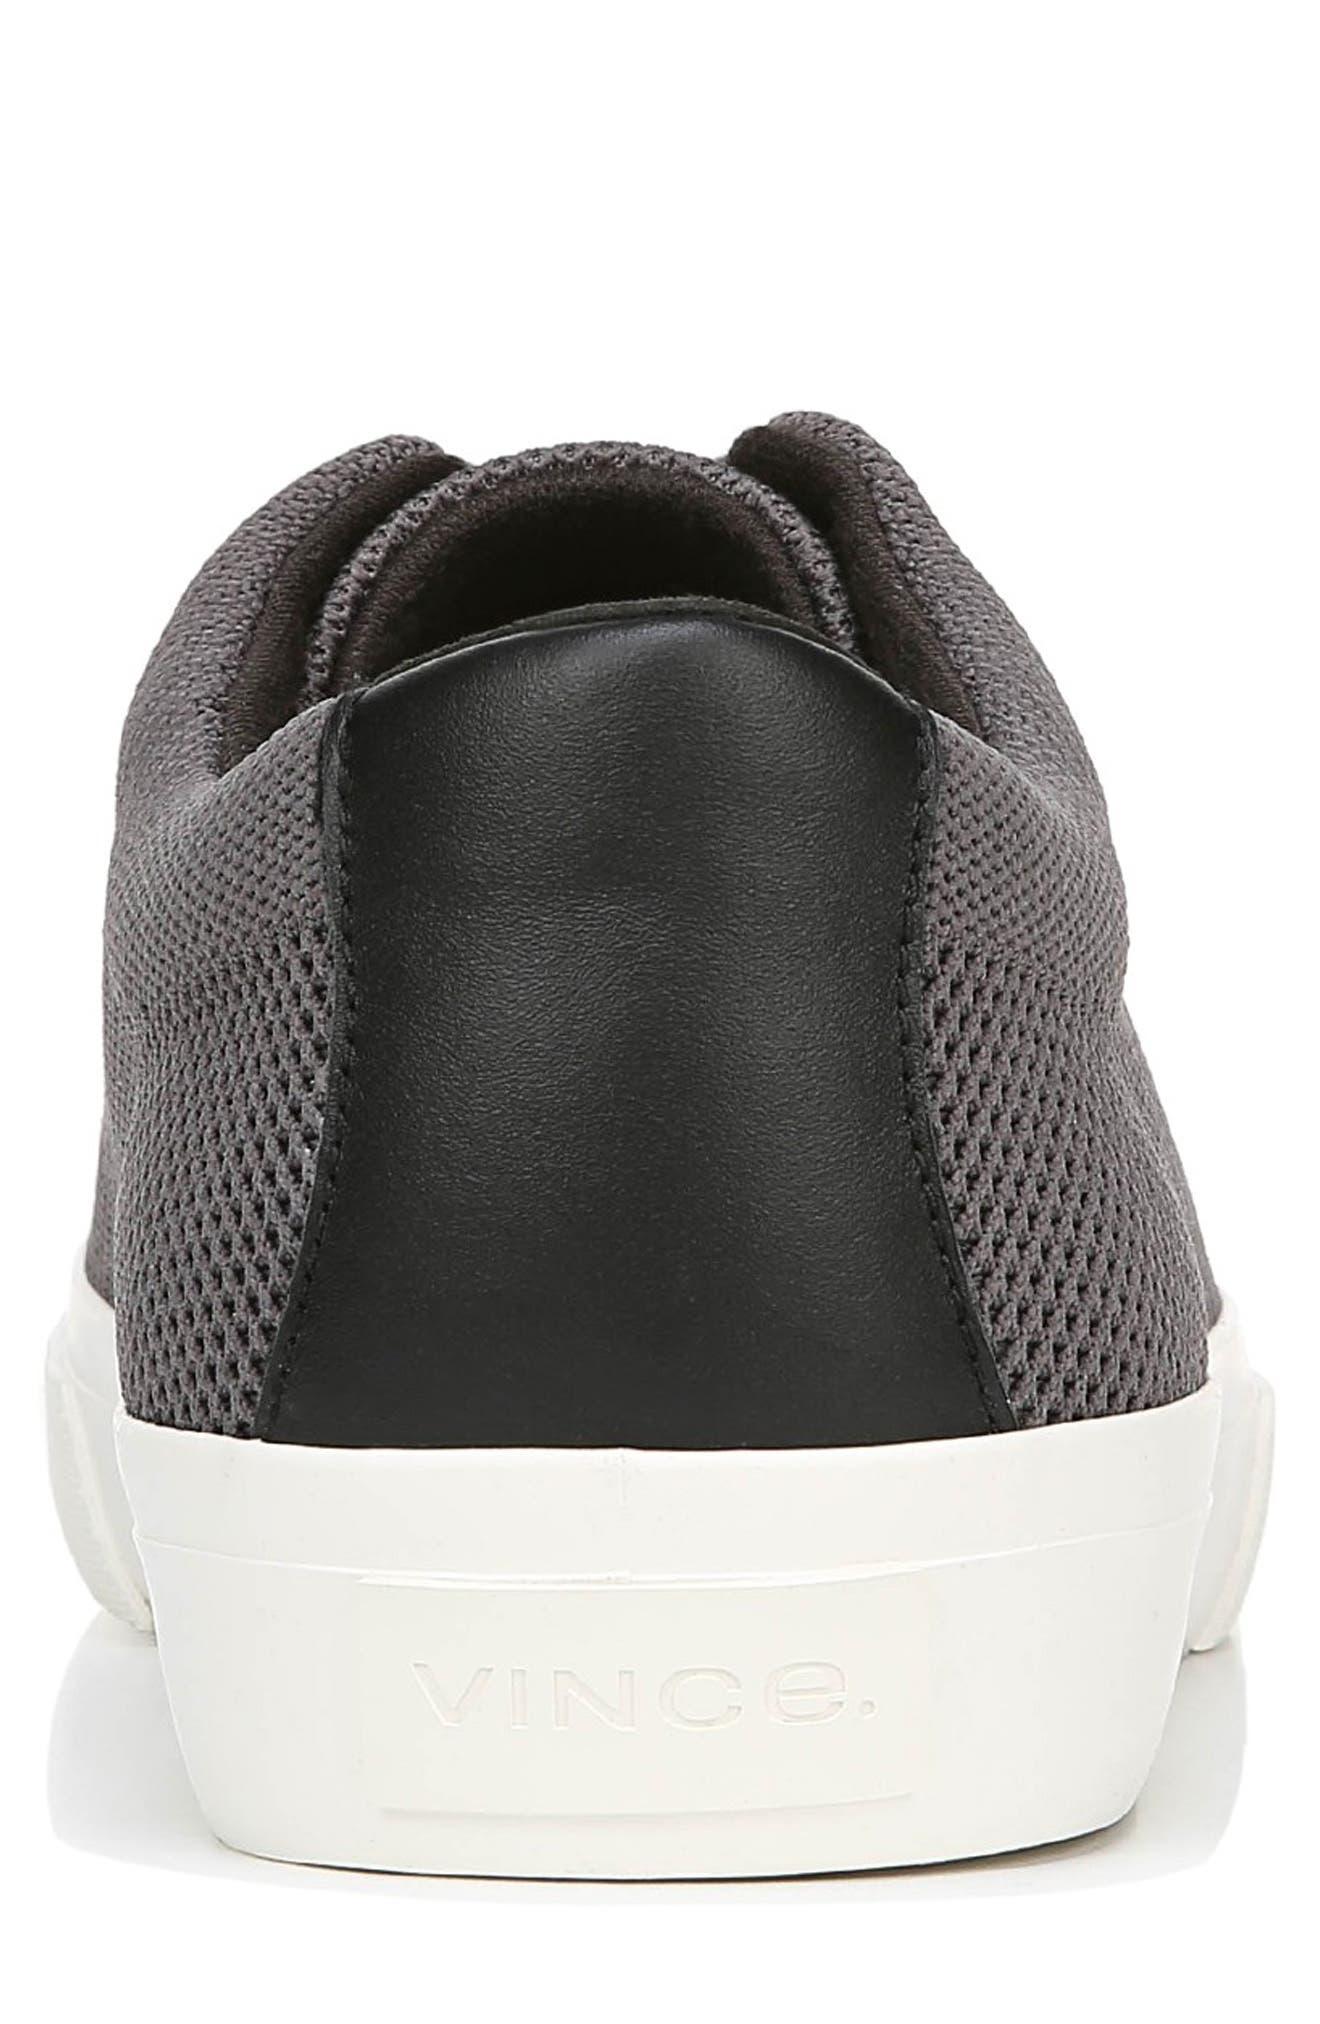 VINCE, Farrell Sneaker, Alternate thumbnail 7, color, GRAPHITE/ BLACK